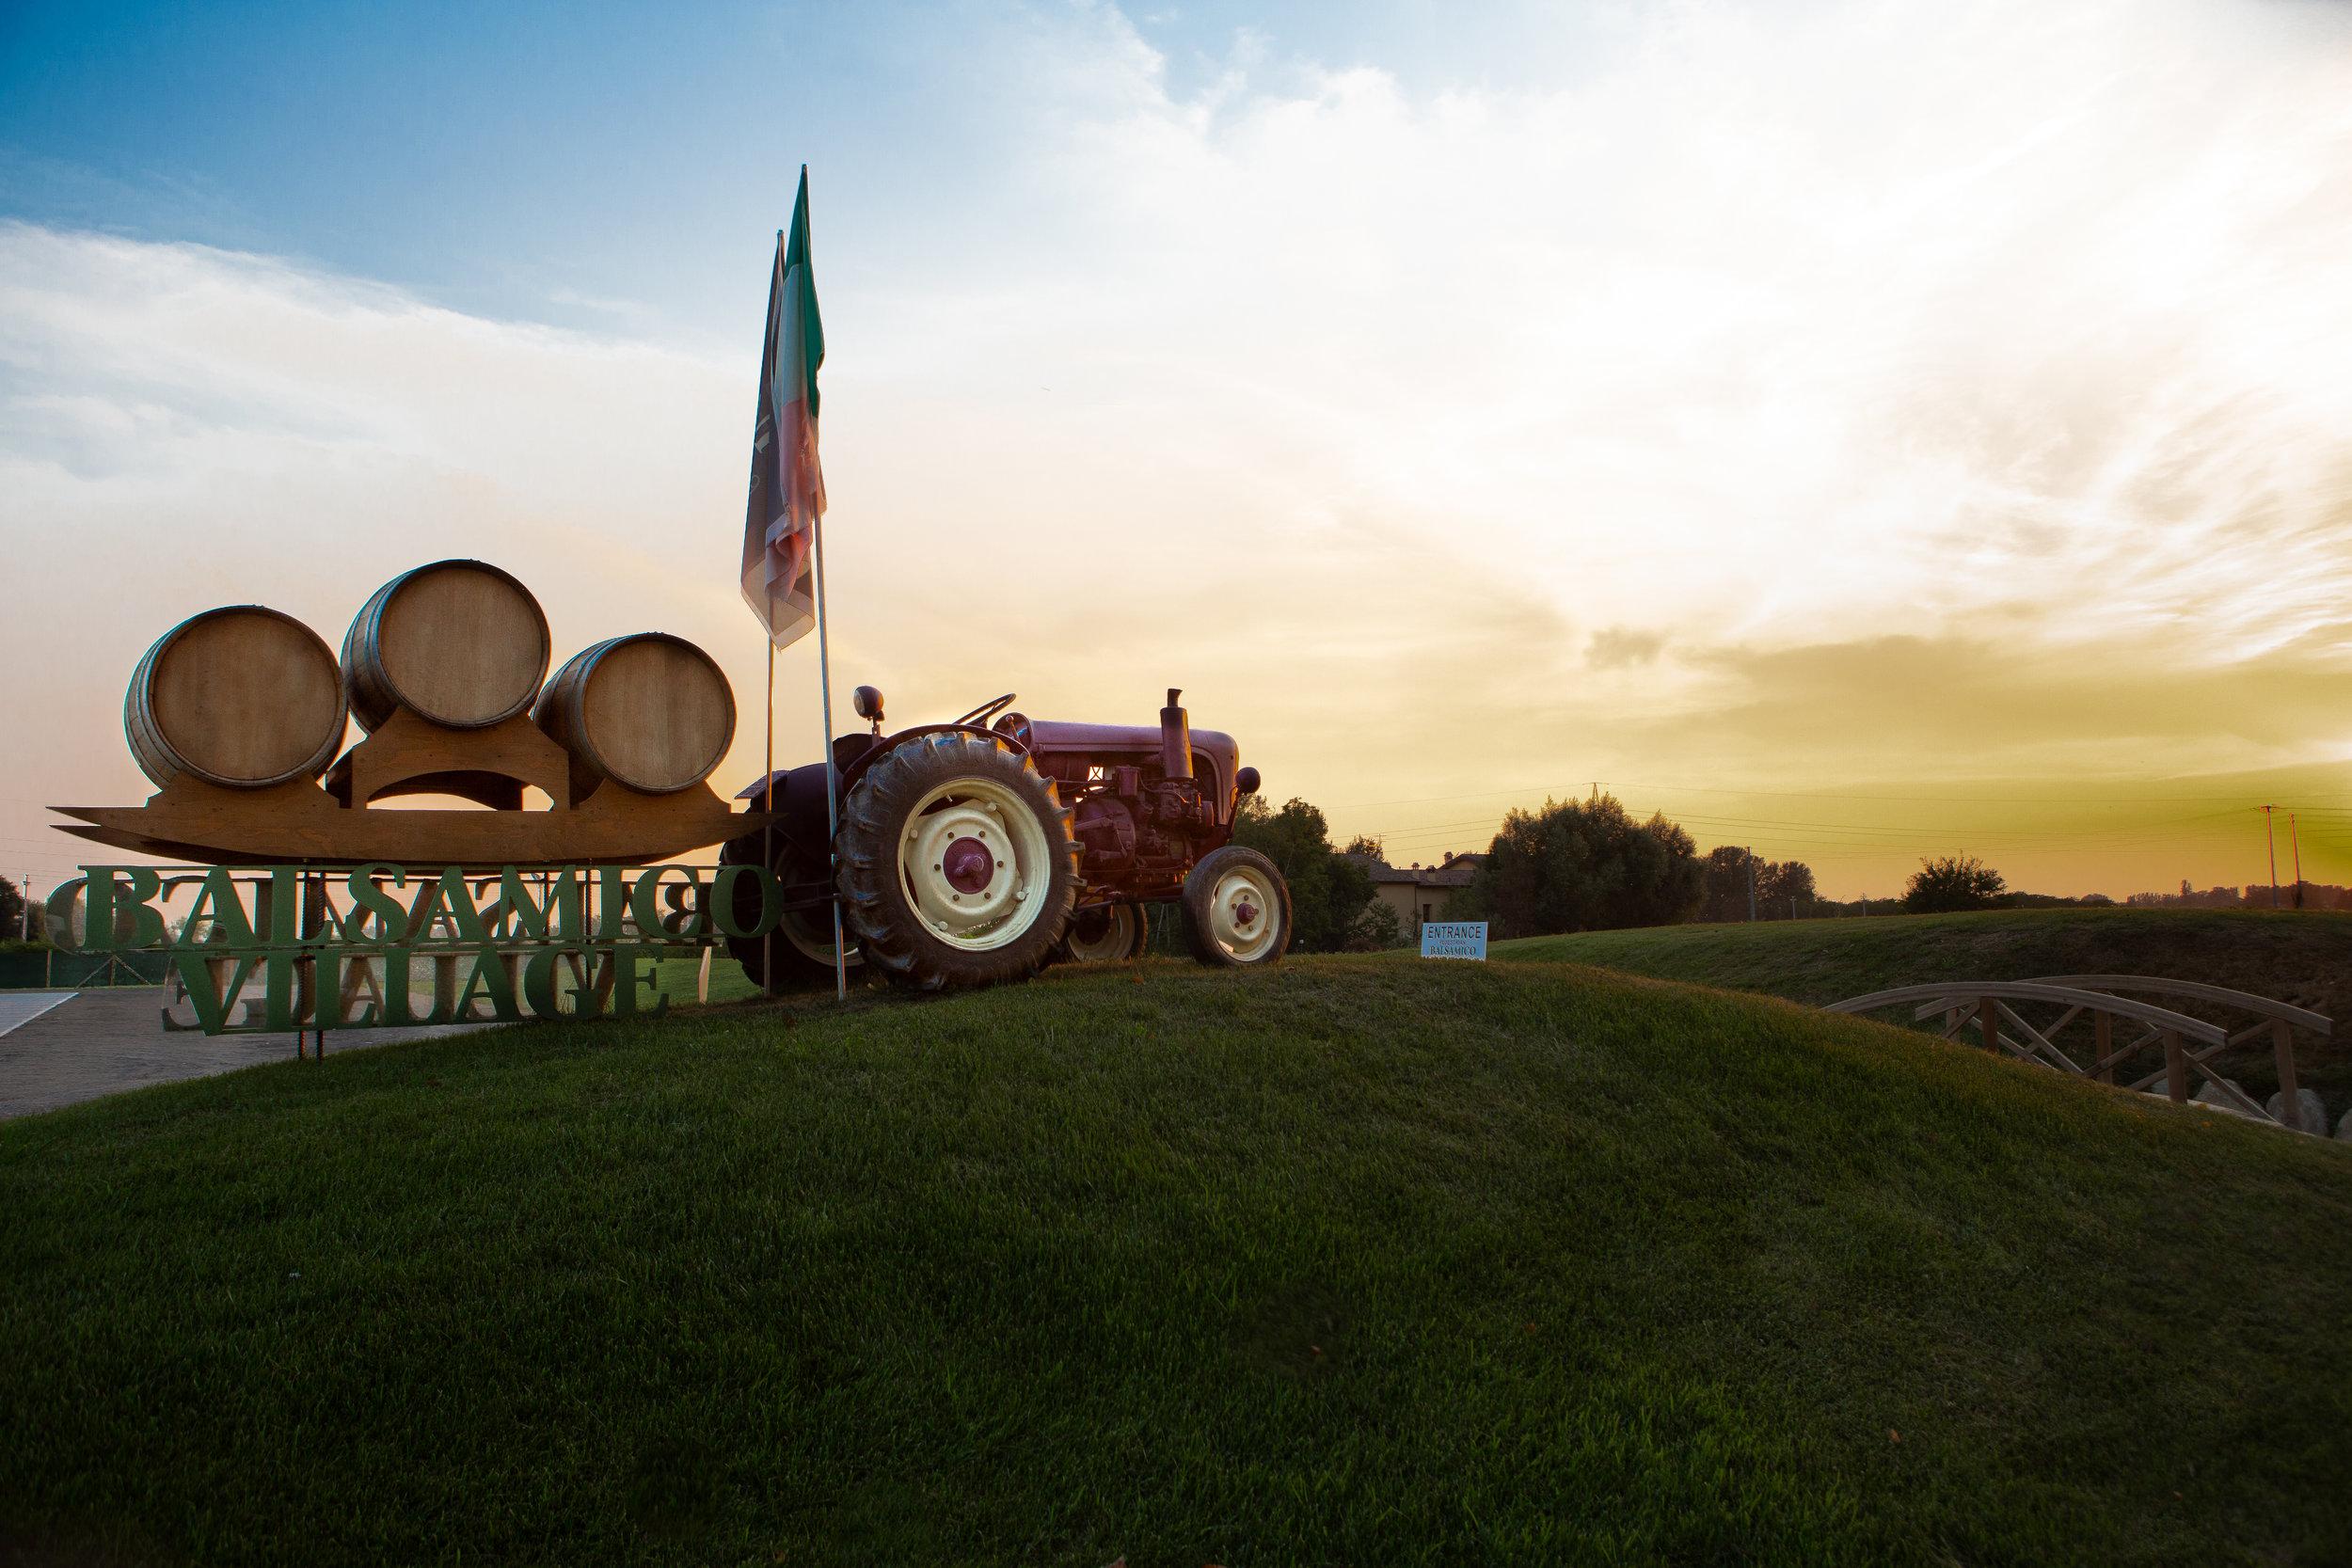 Il Balsamico Village è primo parco a tema agroalimentare del Made in Italy creato dal gruppo De Nigris, leader nella produzione di aceto balsamico Igp.